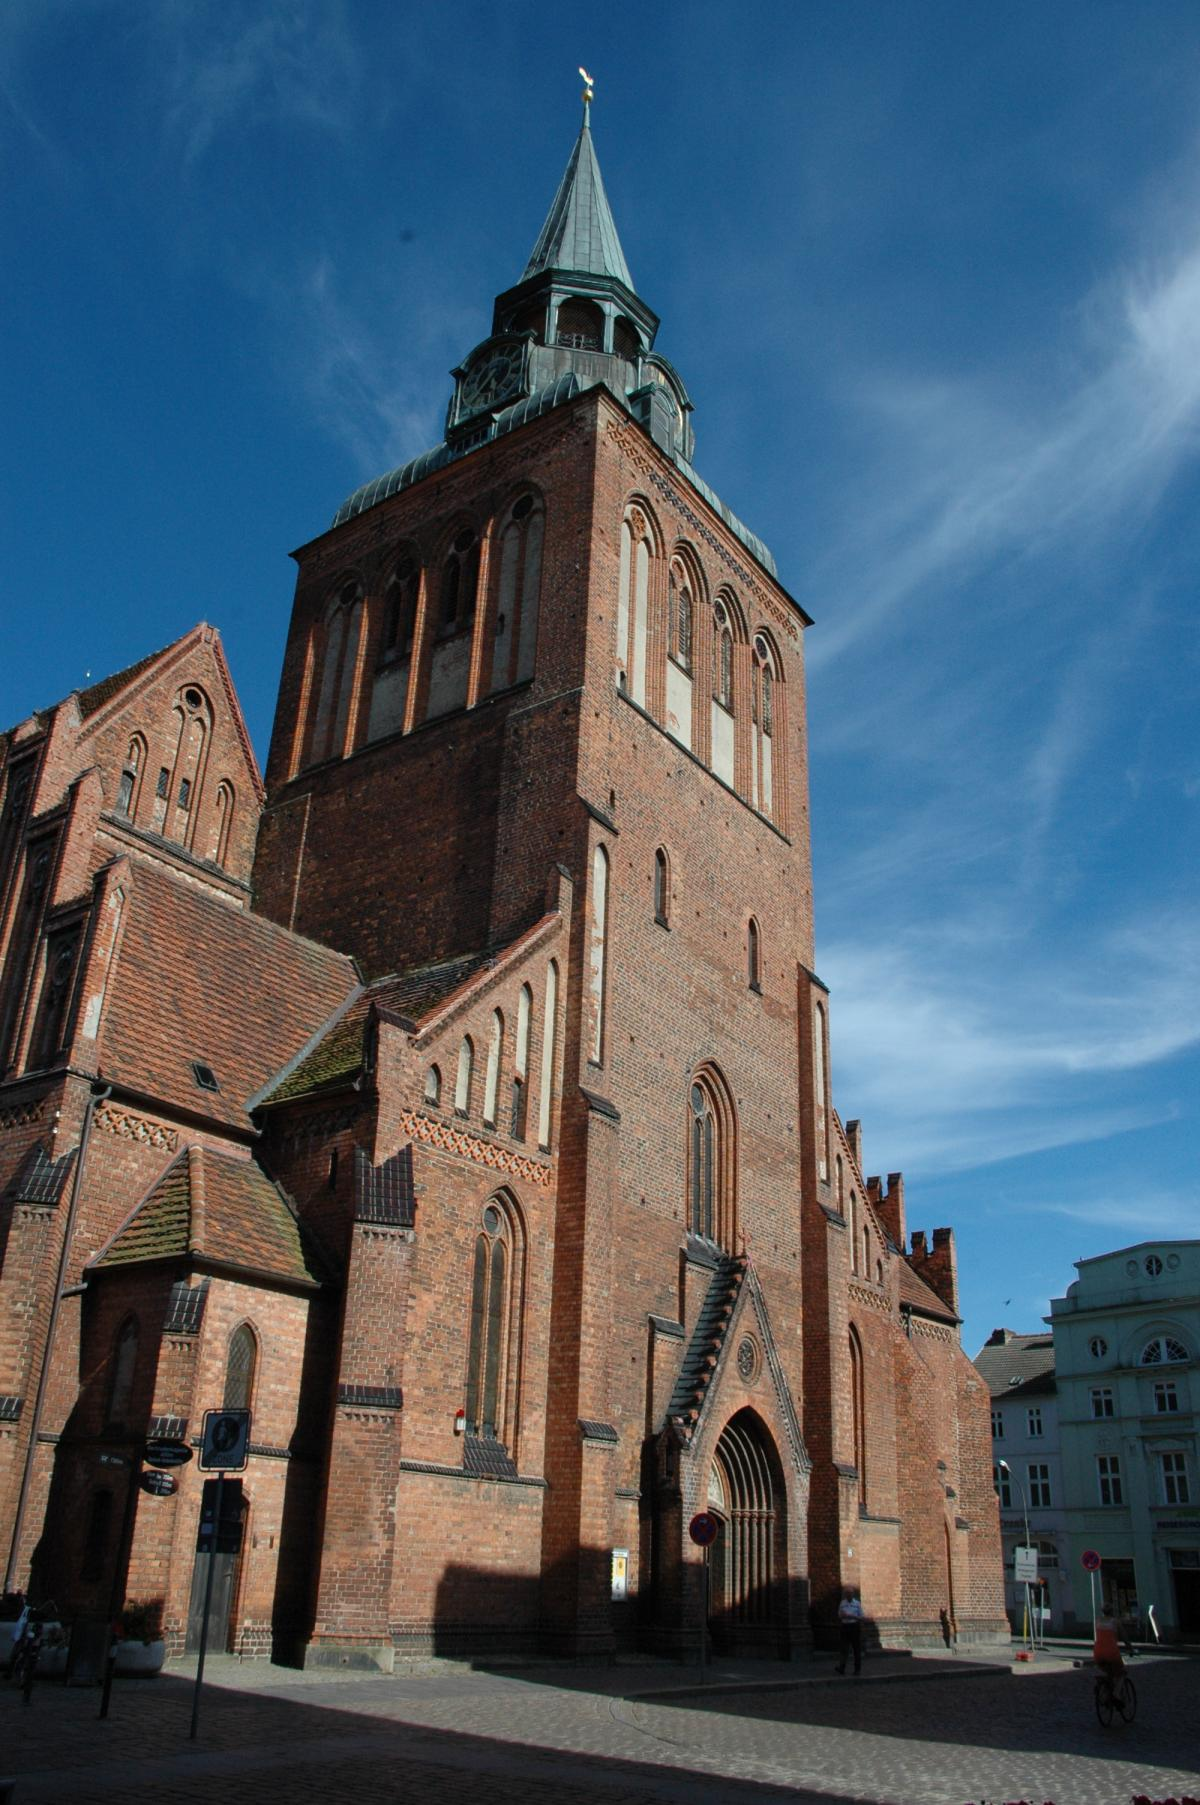 St-Marien-Pfarrkirche